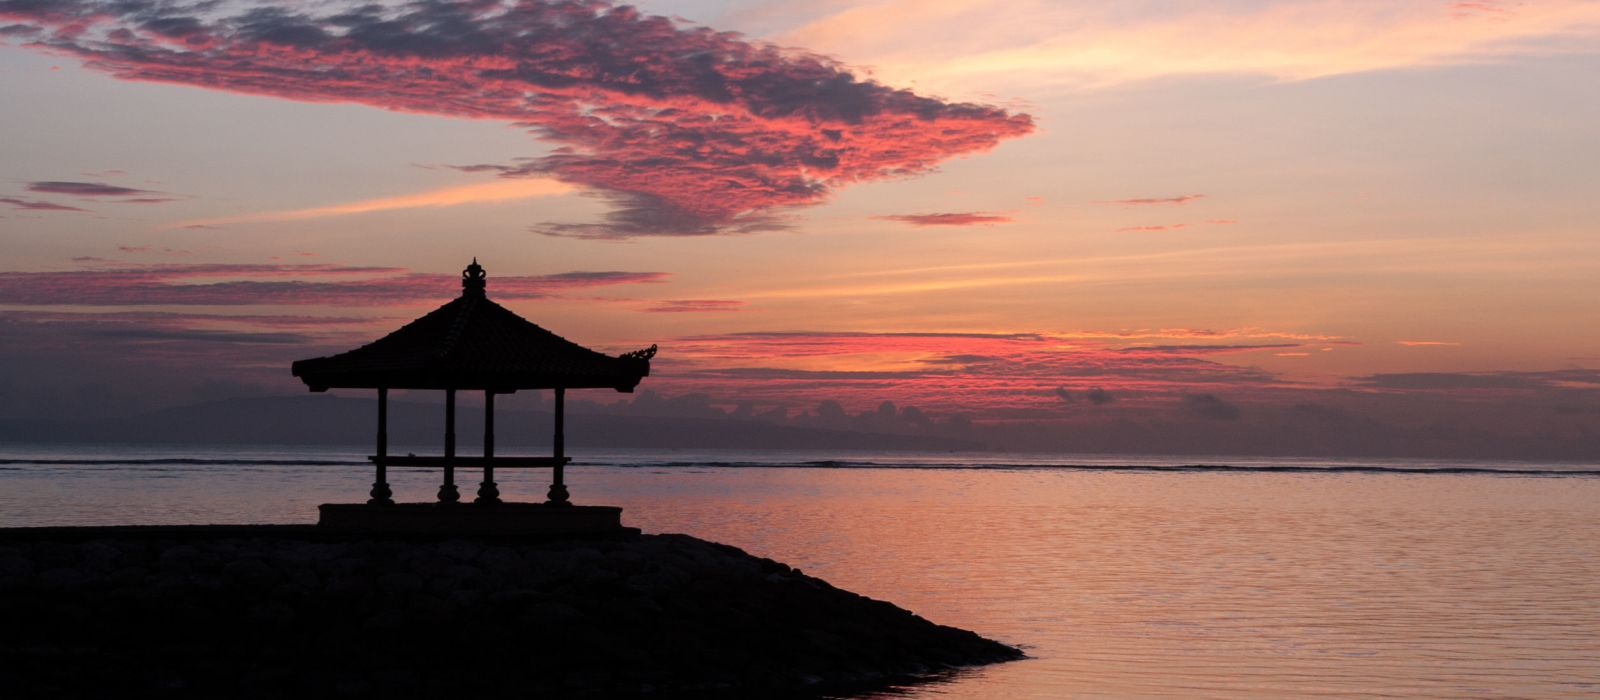 Landschafts- und Kulturerbe Indonesiens Urlaub 4